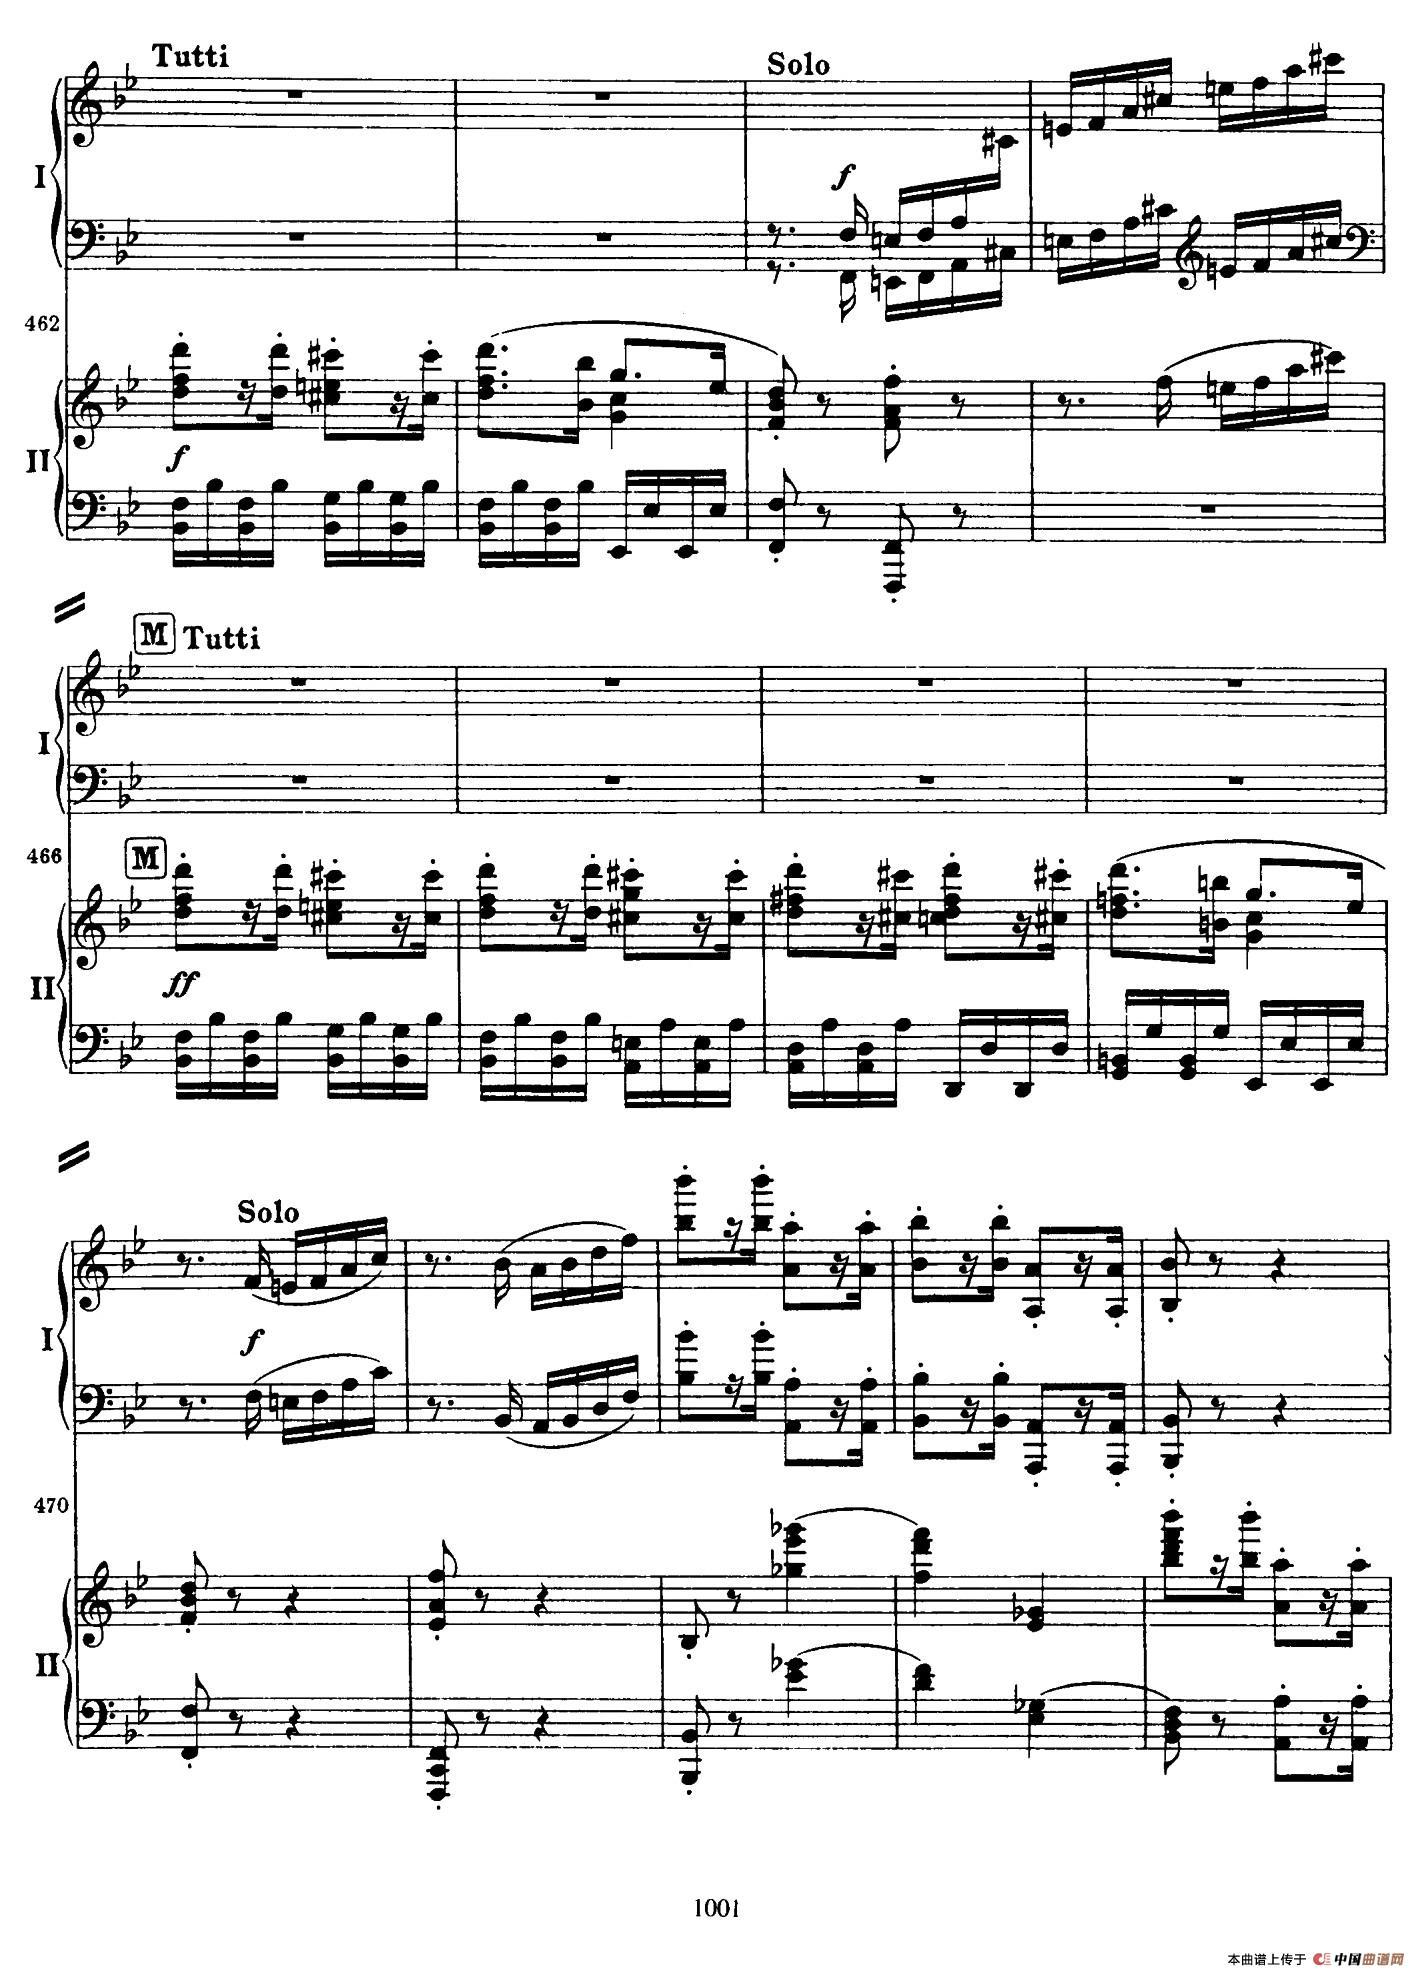 降B大调第二钢琴协奏曲(P91――104)(1)_原文件名:103.jpg